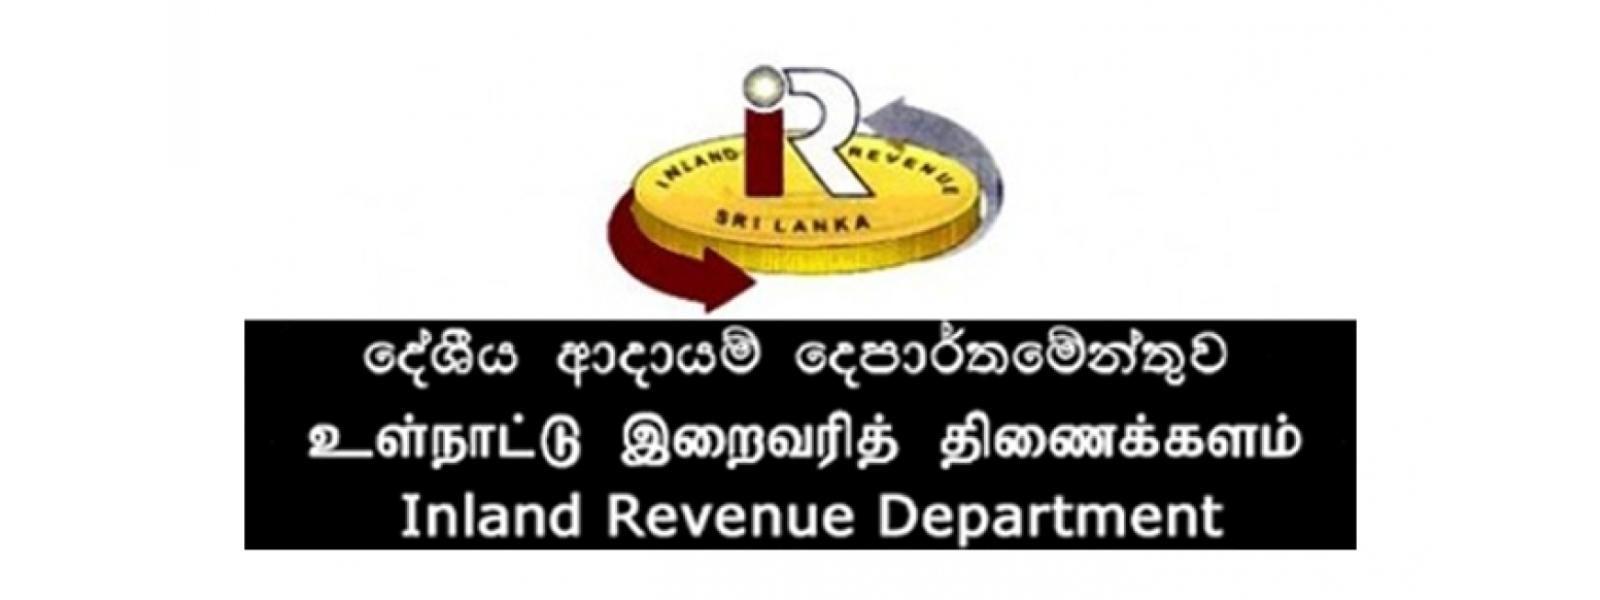 Inland Revenue Department summoned again to COPA: Parliament